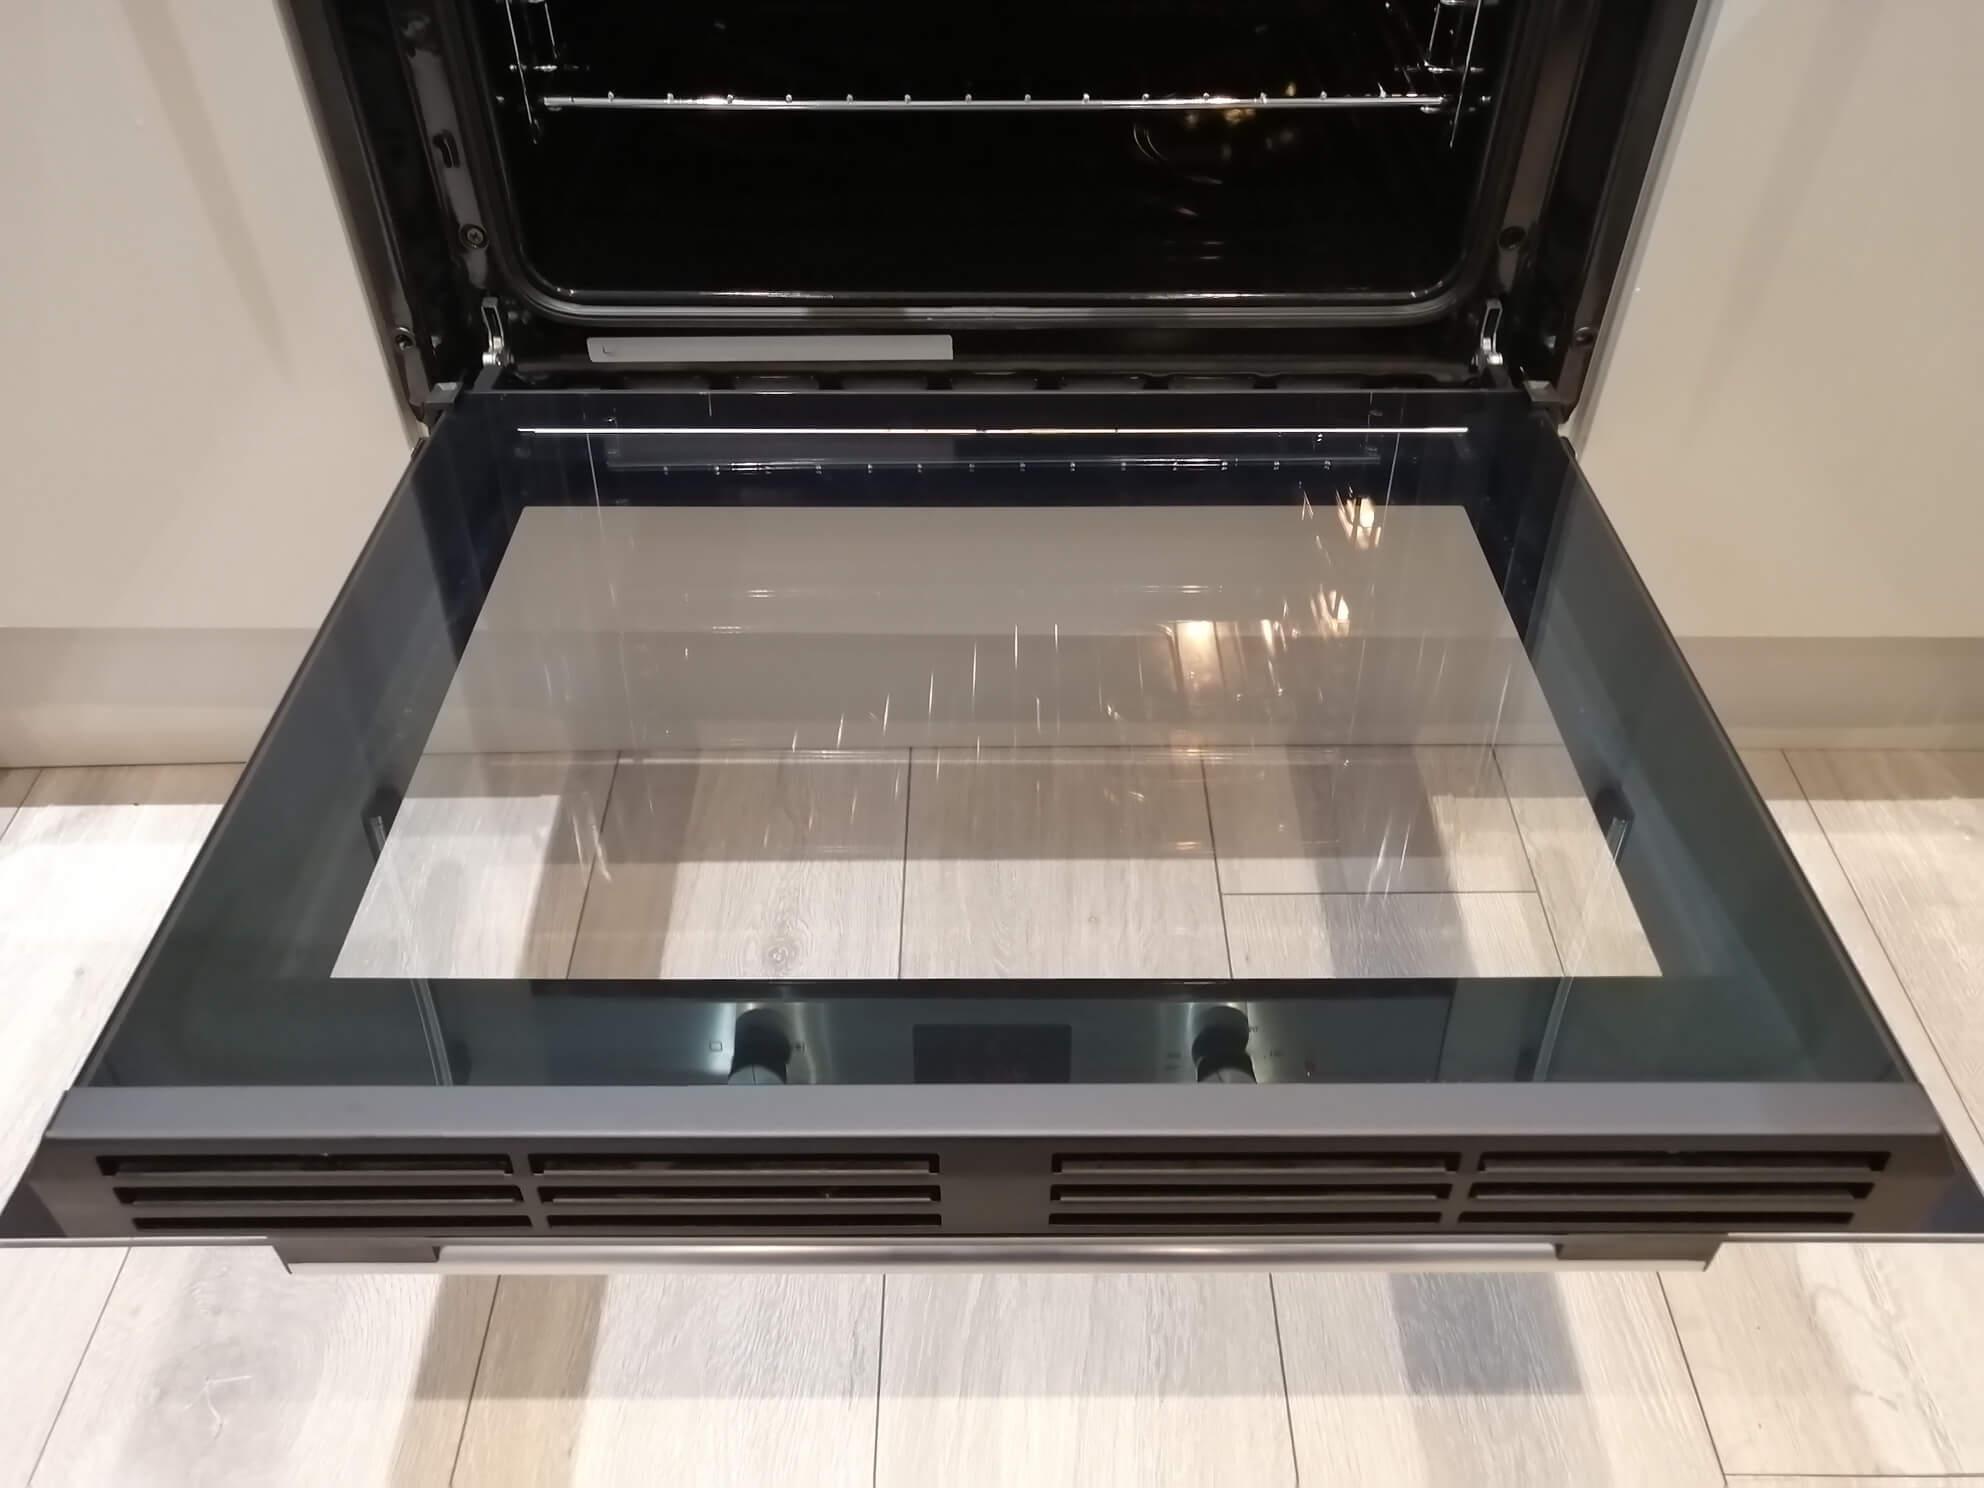 oven-cleaning-Barnsley-clean-door